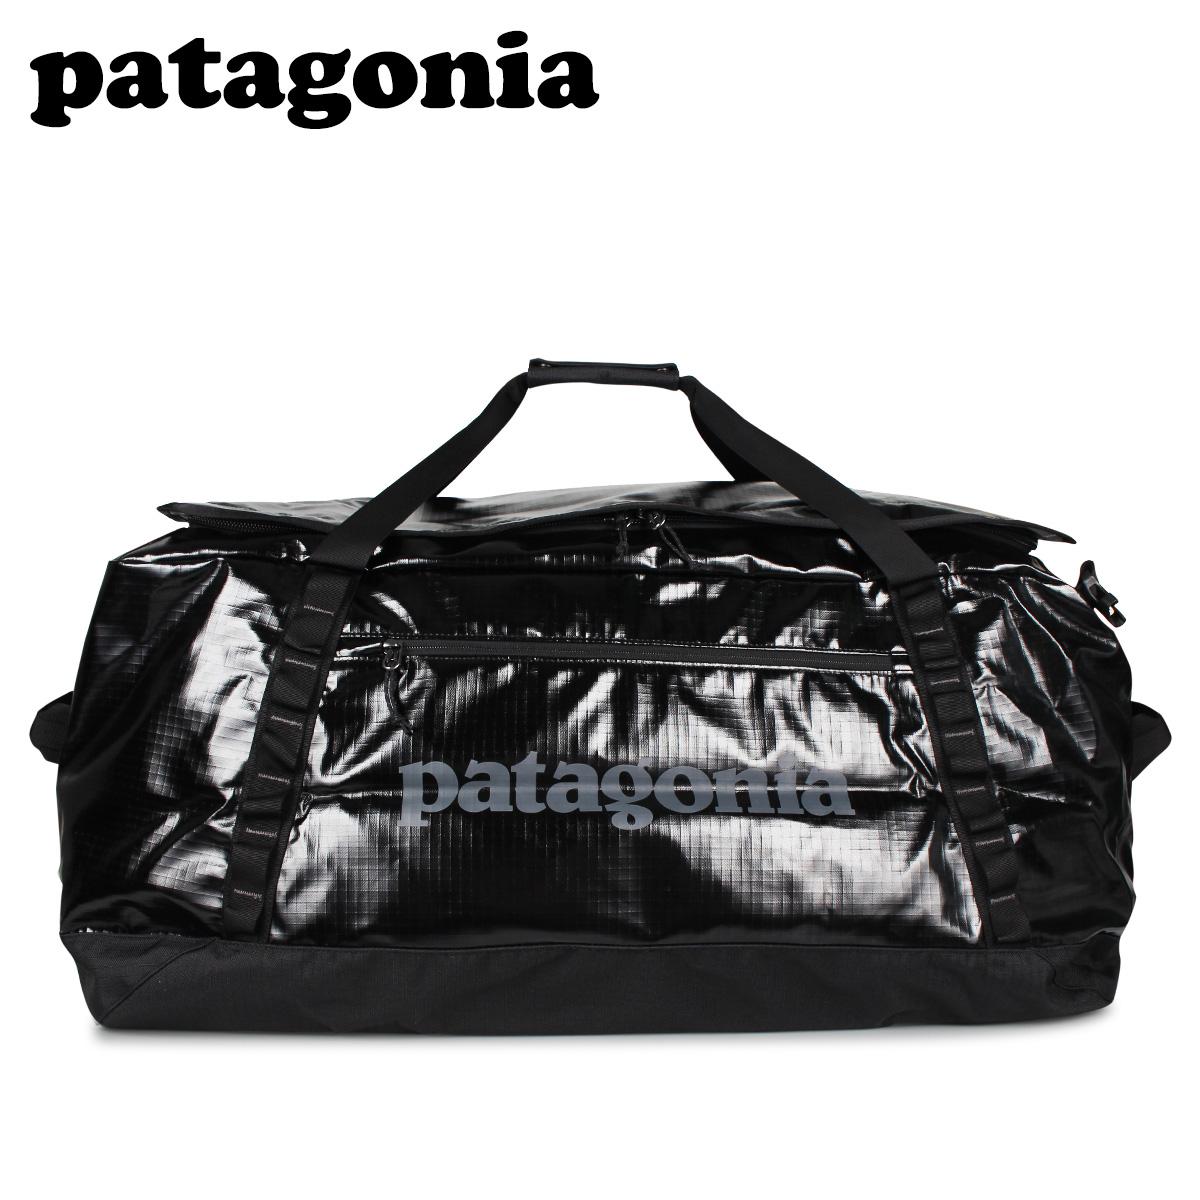 パタゴニア patagonia バッグ ダッフルバッグ ボストンバッグ ブラックホール ダッフル メンズ レディース 100L BLACK HOLE DUFFEL ブラック 黒 49352